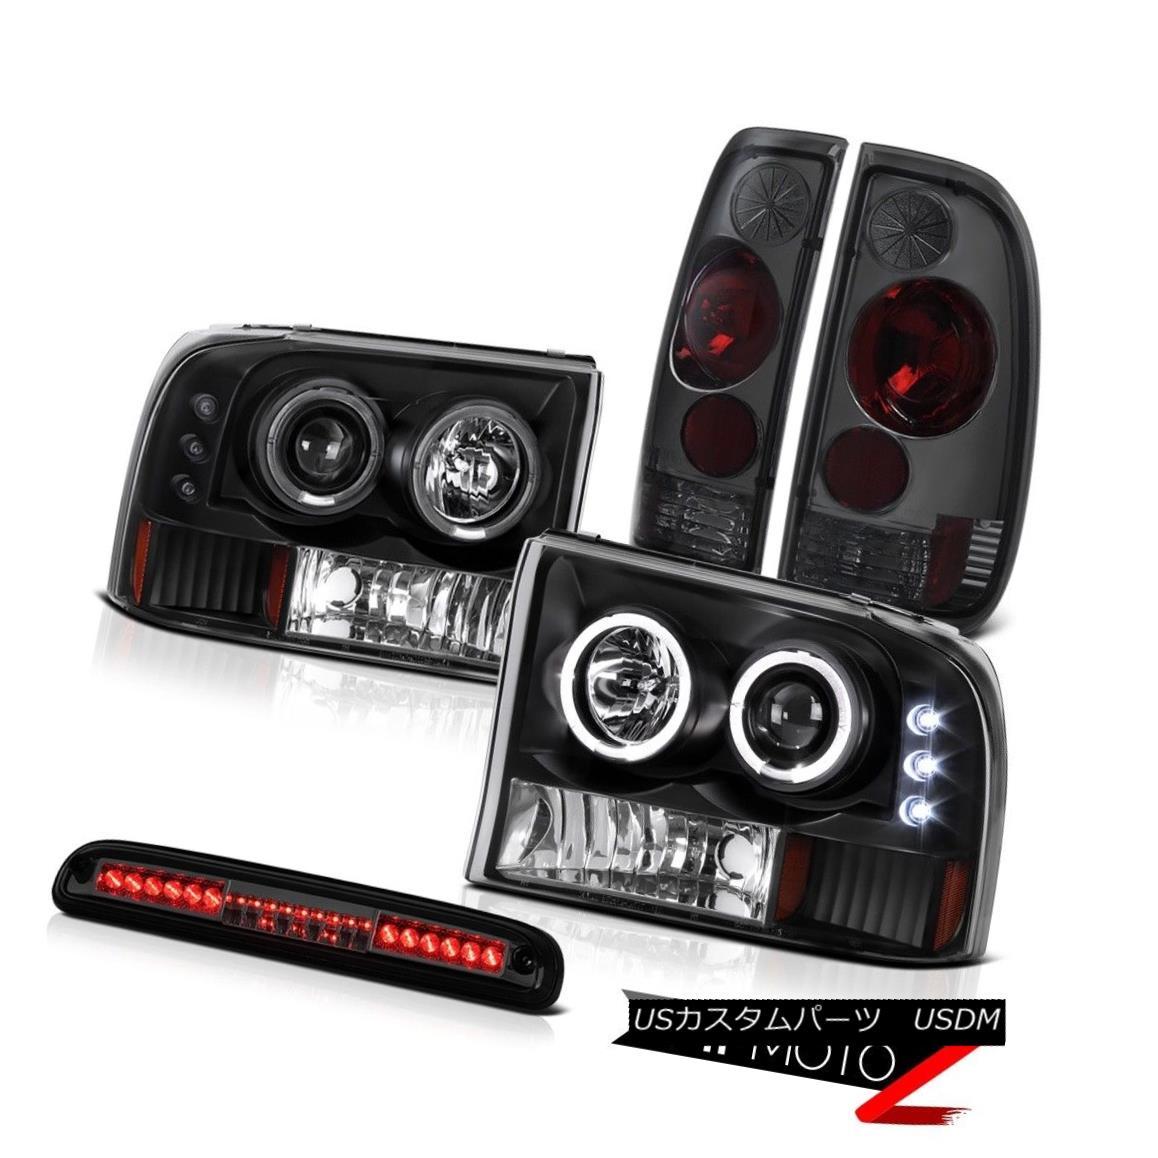 テールライト 99-04 F350 XLT 2x Halo Headlights Tinted Brake Tail Light High Stop LED Smoke 99-04 F350 XLT 2x HaloヘッドライトタイテッドブレーキテールライトハイストップLEDスモーク